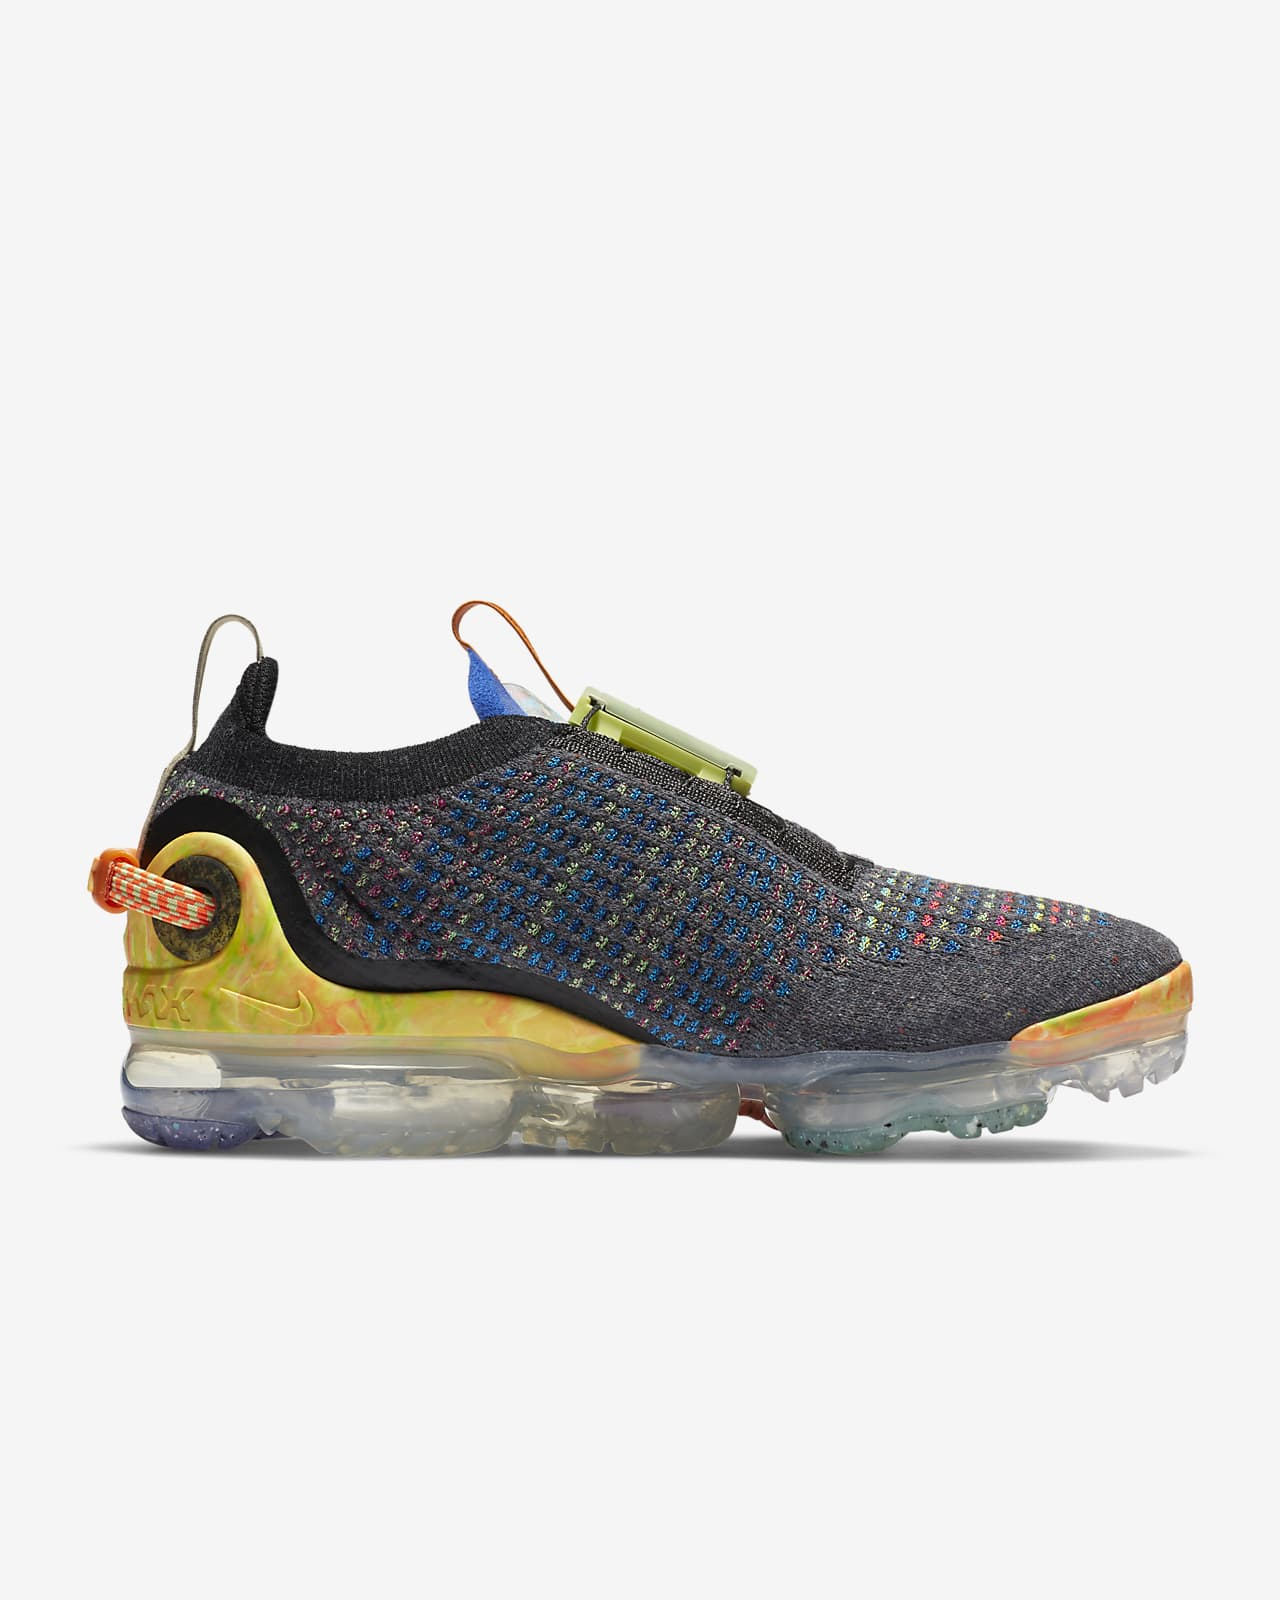 chaussure nike femme vapormax